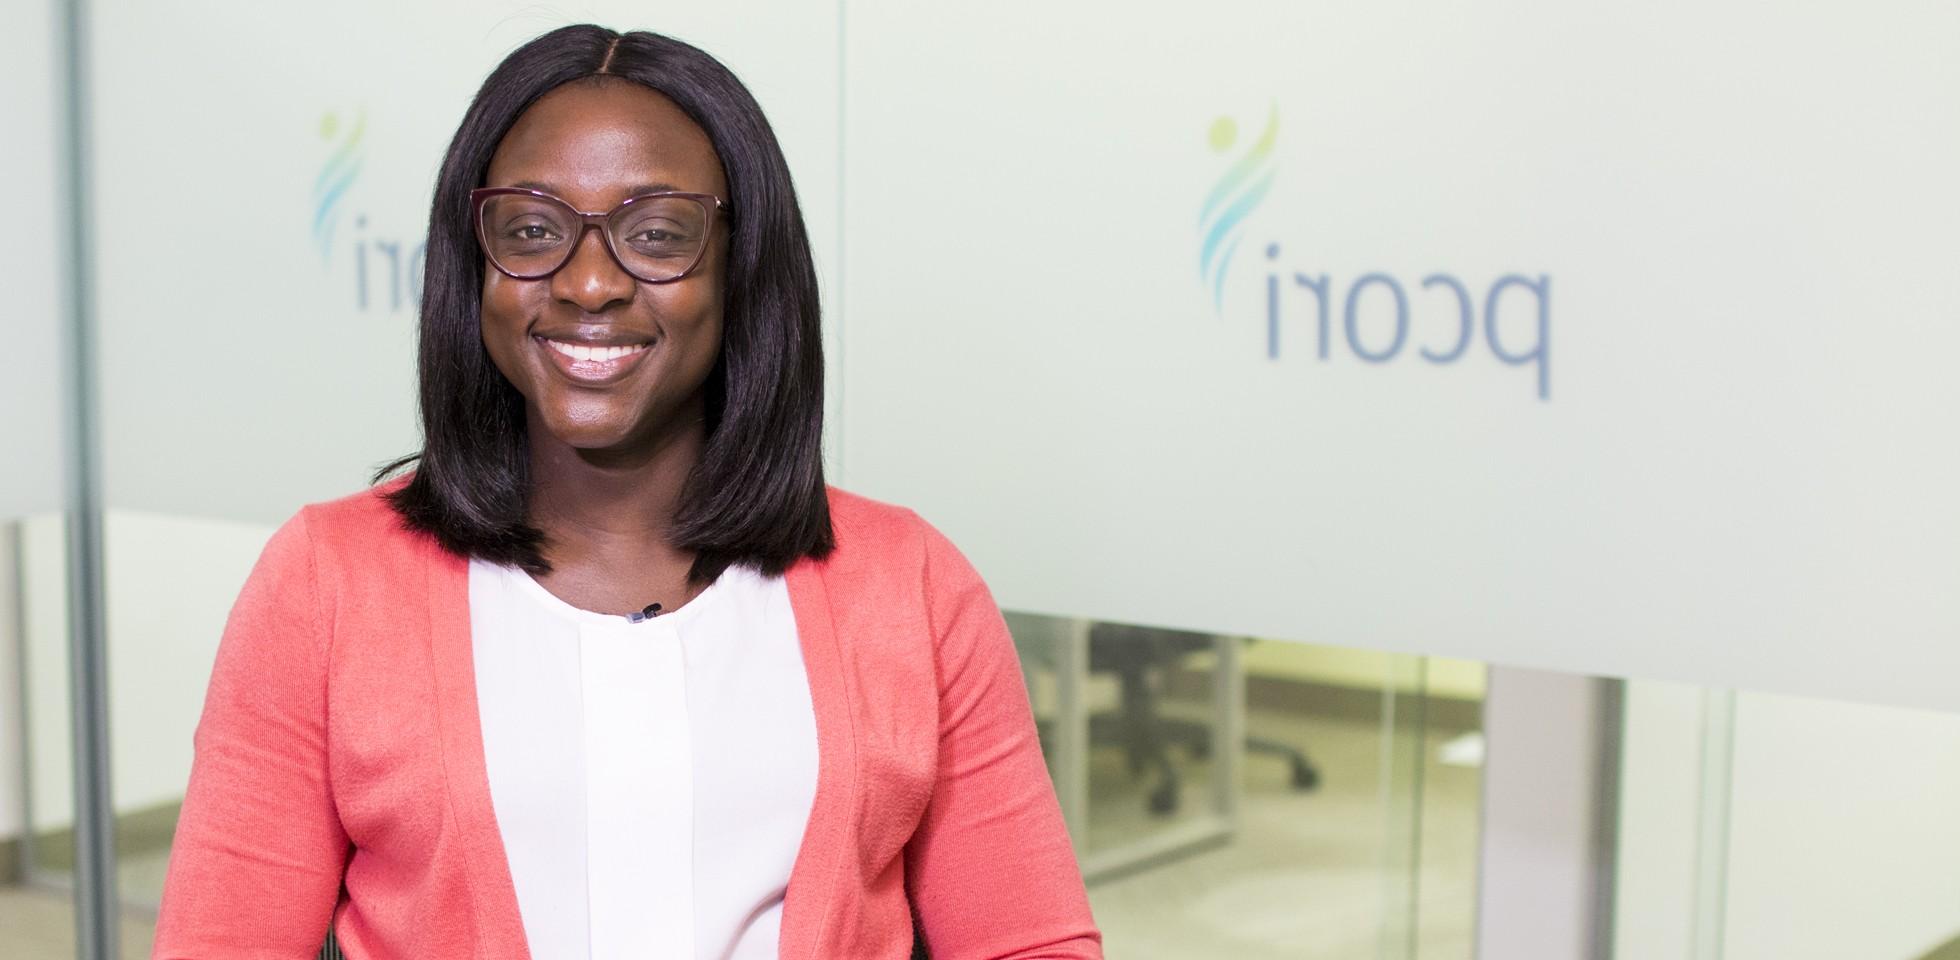 Ninma Fearon, Program Associate, Evaluation & Analysis - PCORI Careers